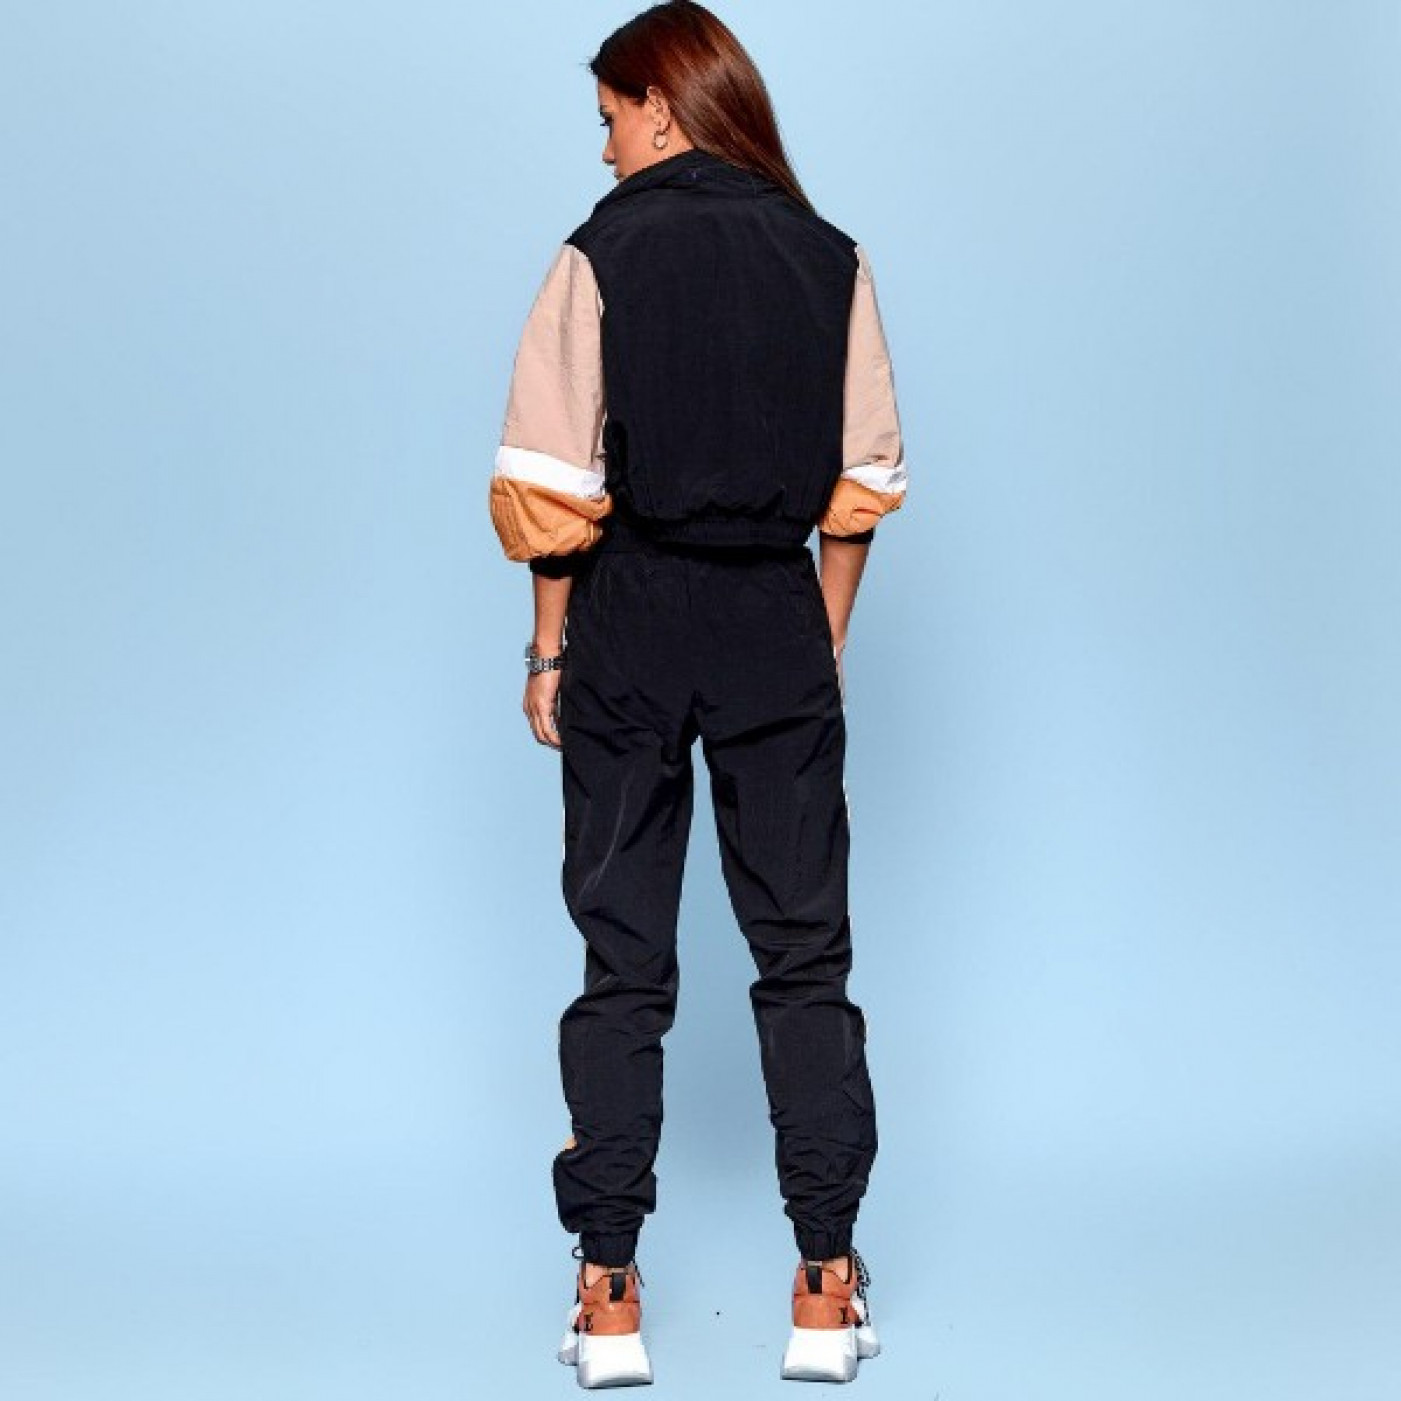 Женский спортивный костюм 30025-001